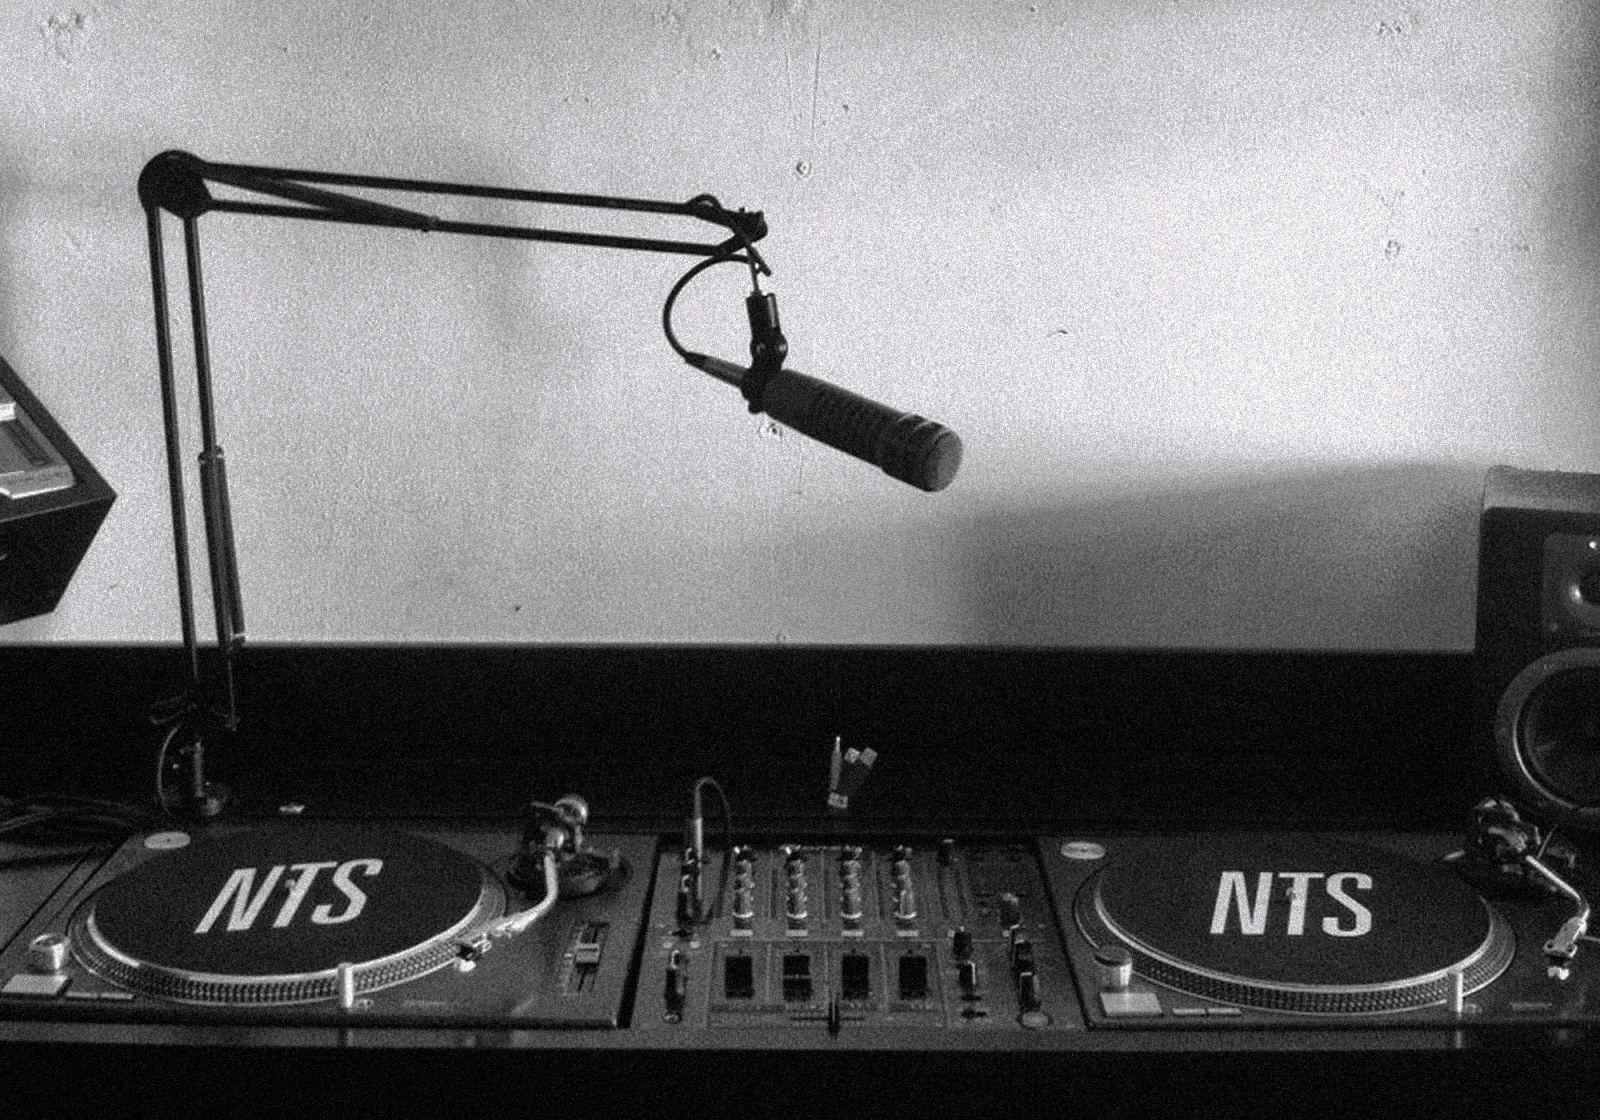 NTS RADIO